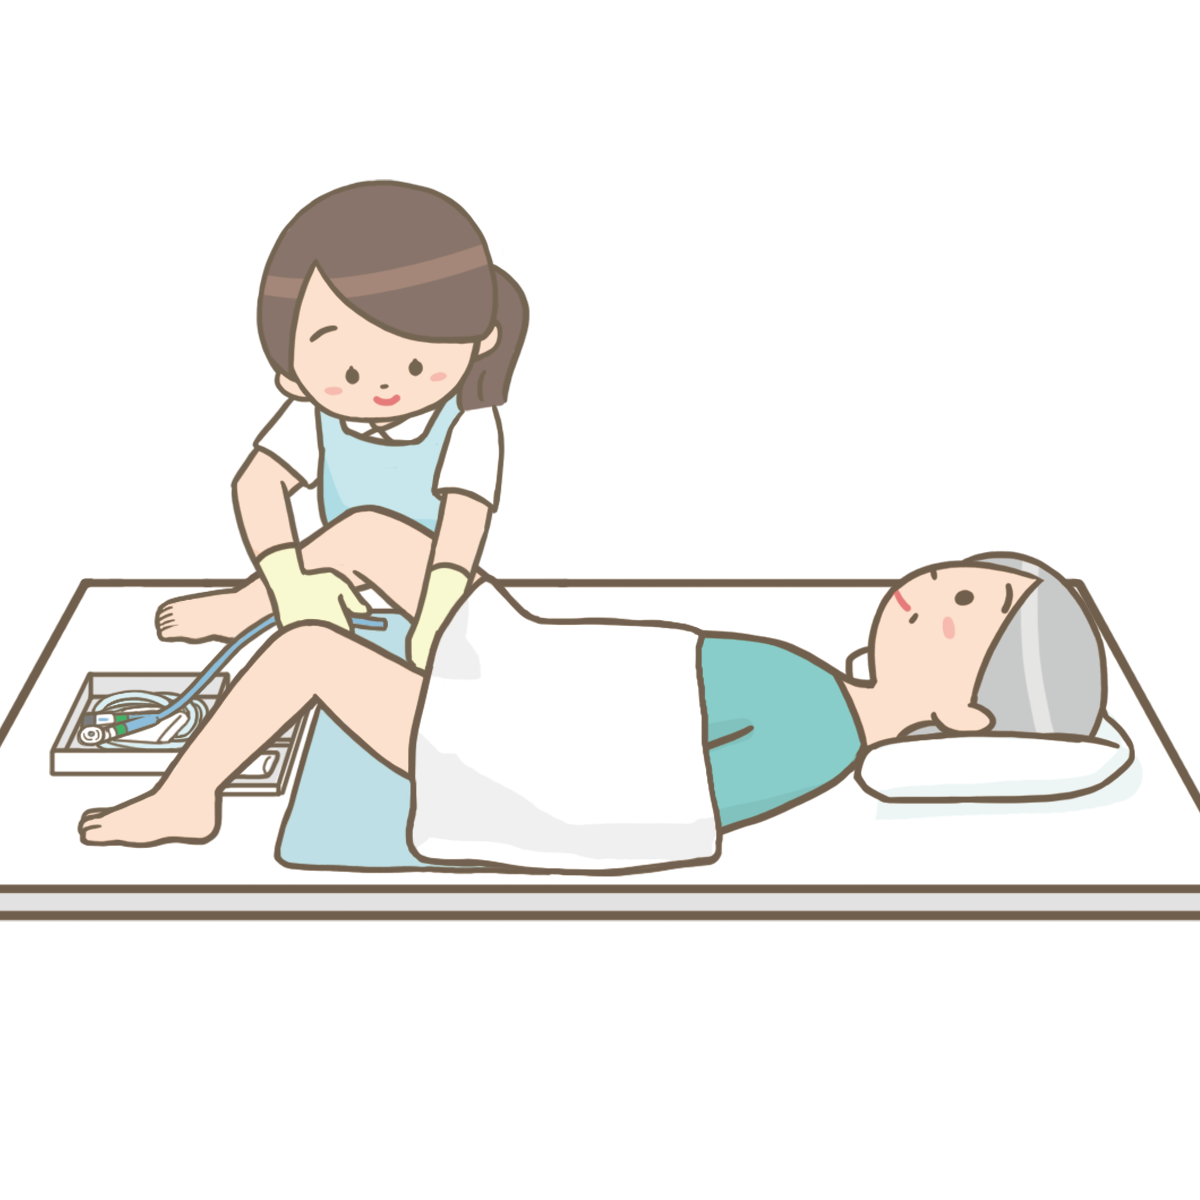 尿道カテーテル留置患者における尿路感染症を看護介入でどう防ぐか